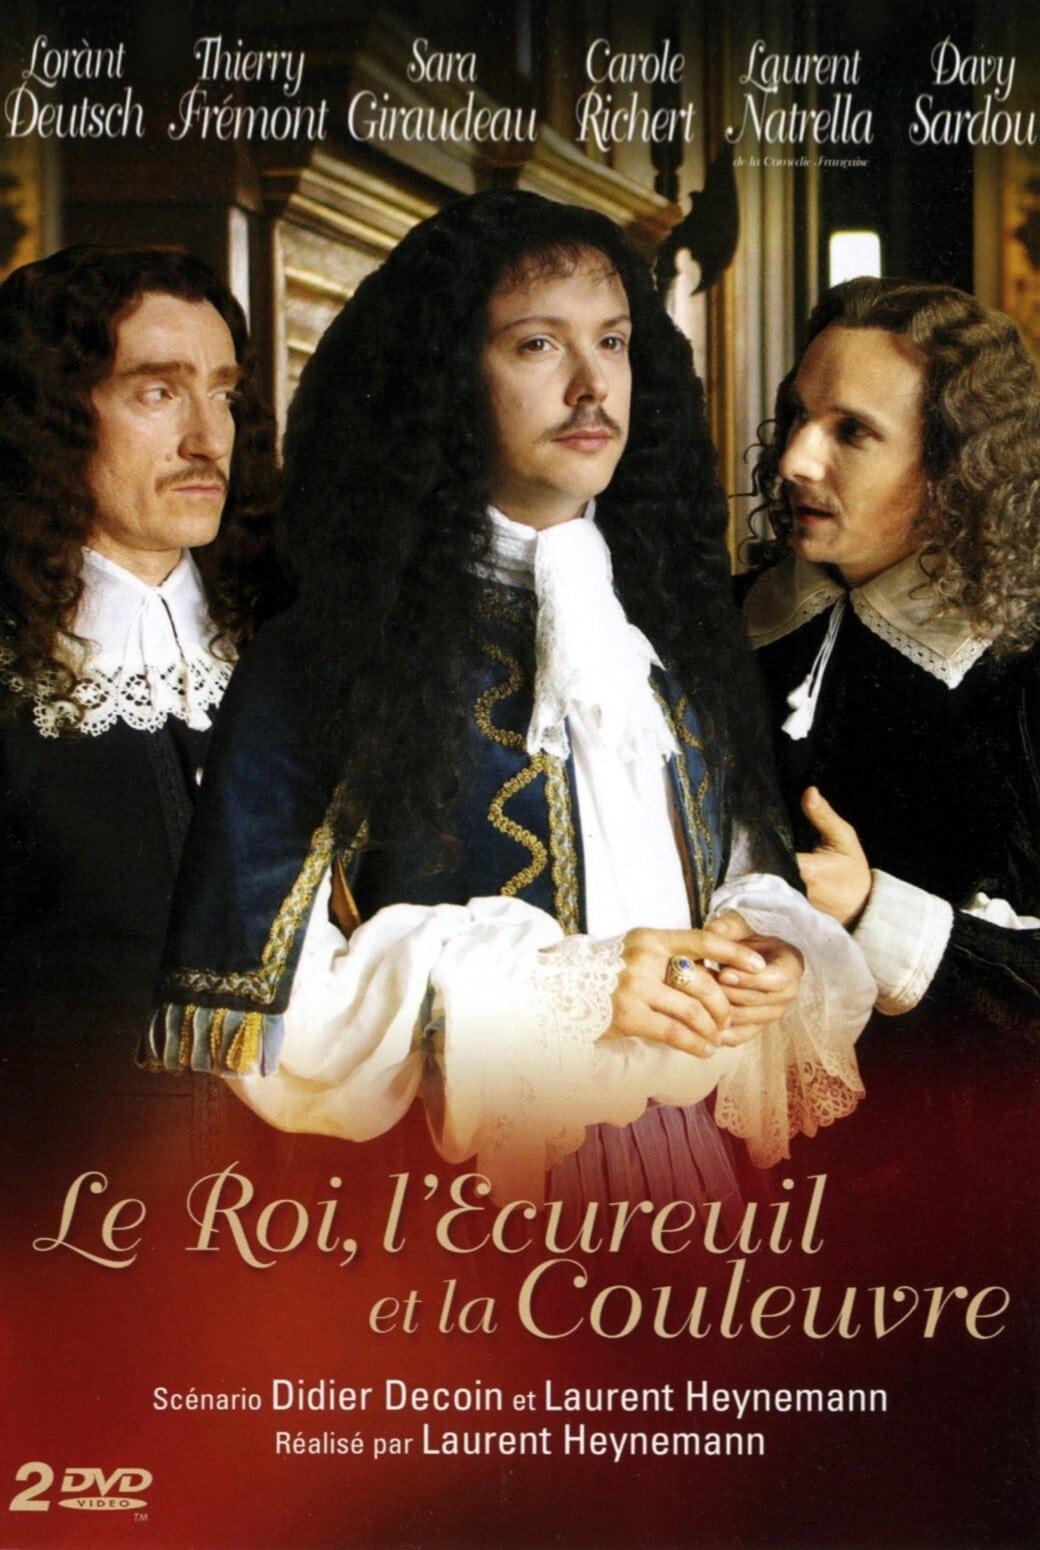 Le Roi, l'Écureuil et la Couleuvre